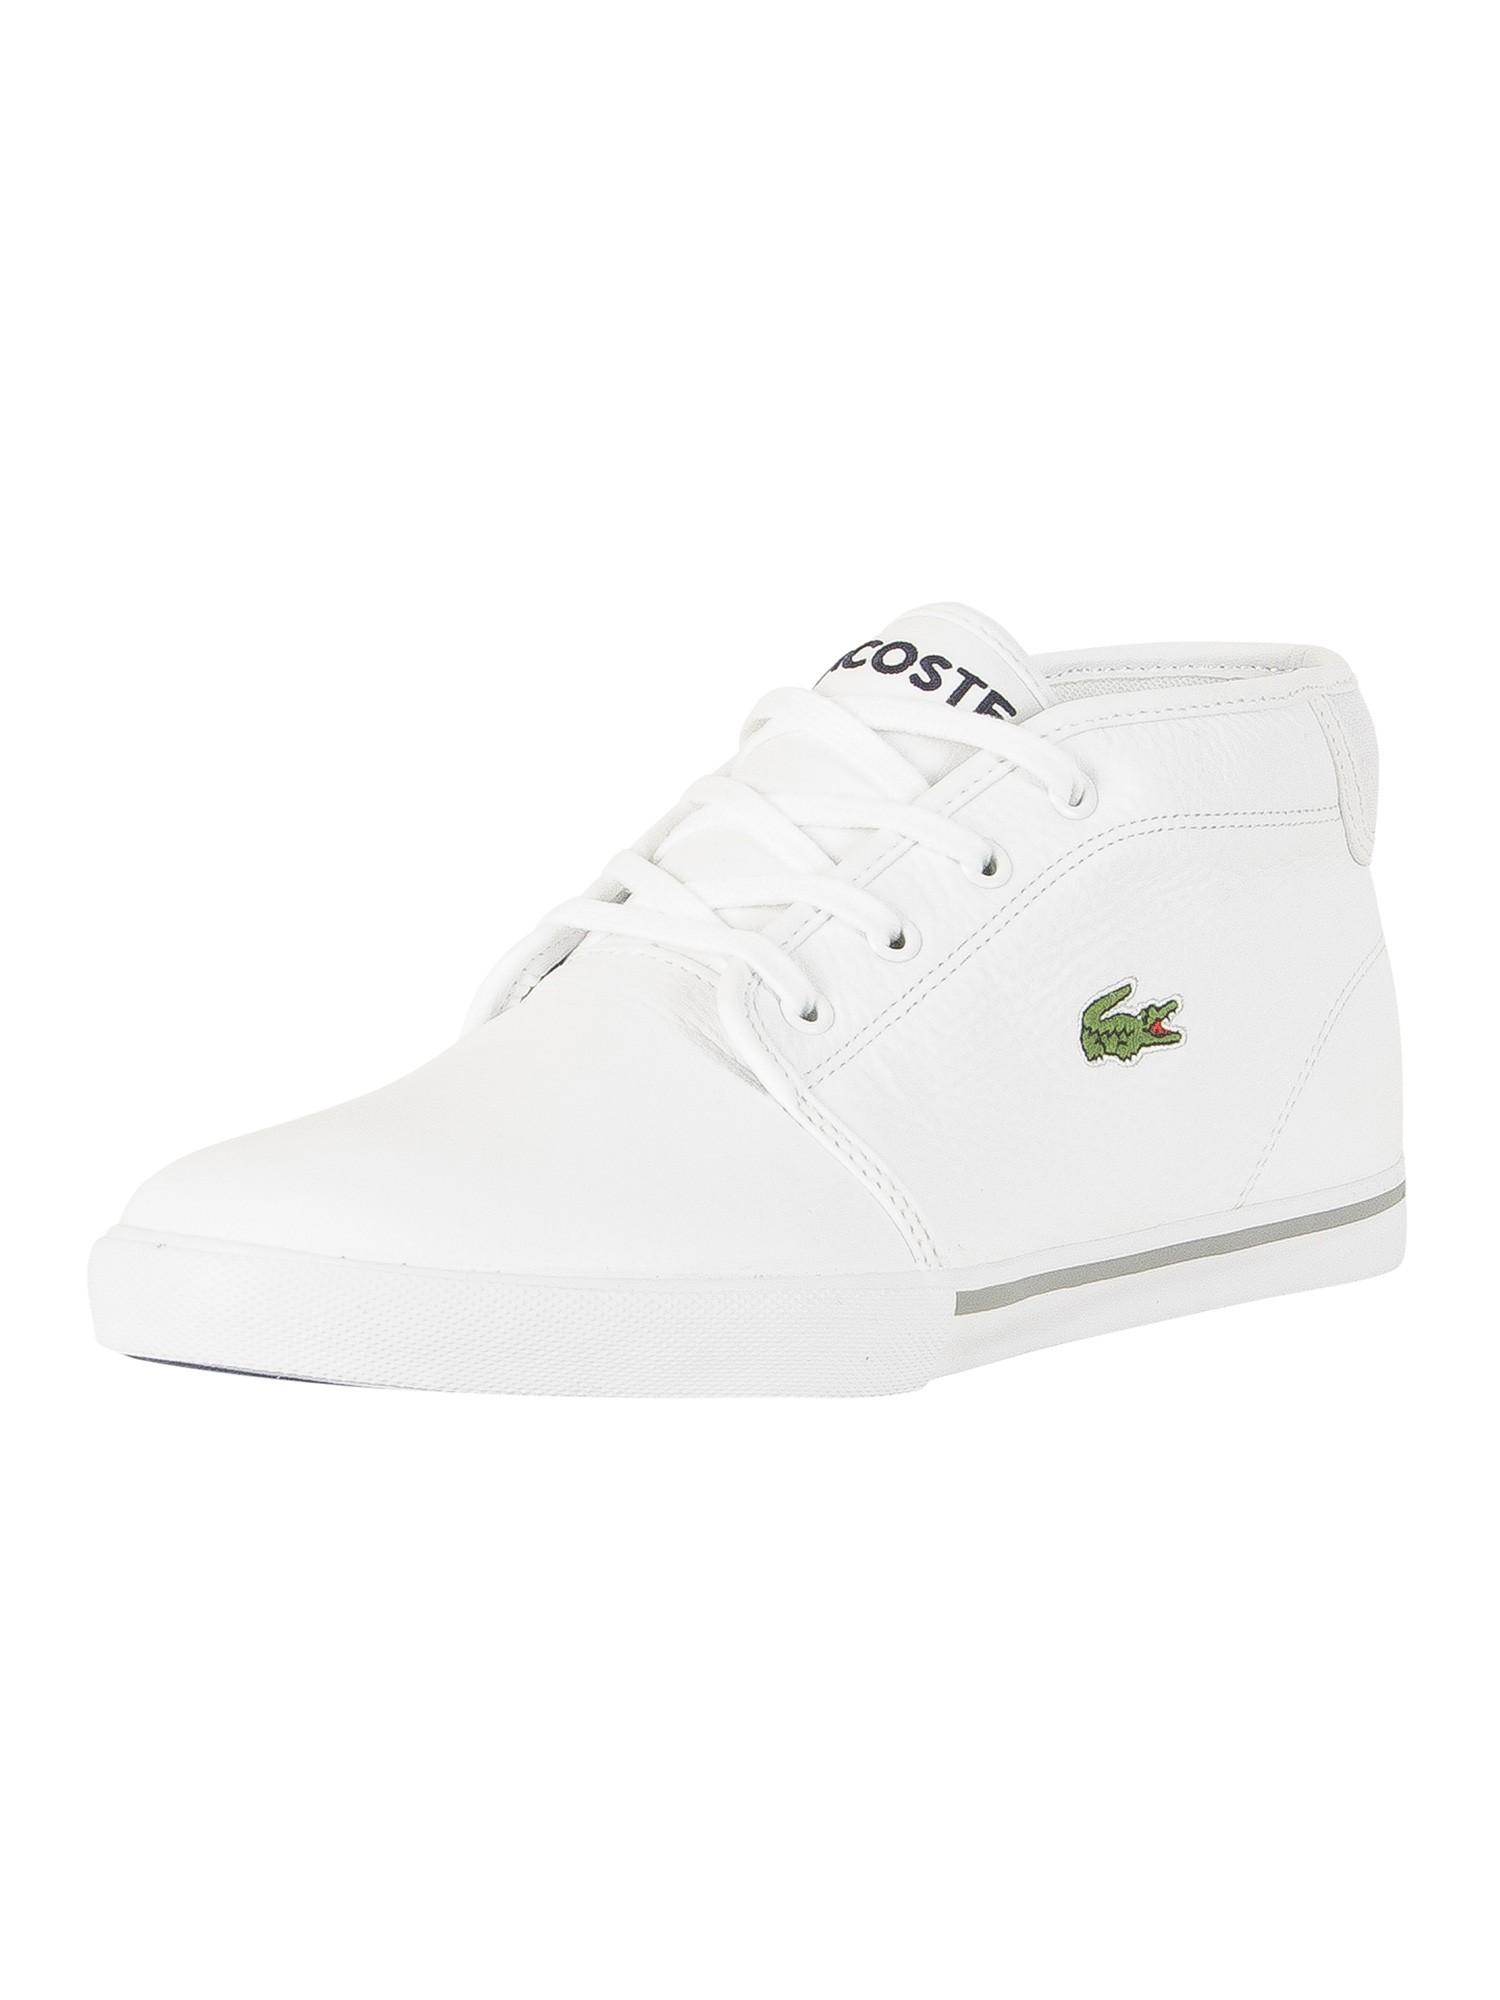 kup dobrze obuwie różne wzornictwo Lacoste Ampthill LCR3 SPM Trainers - White/White